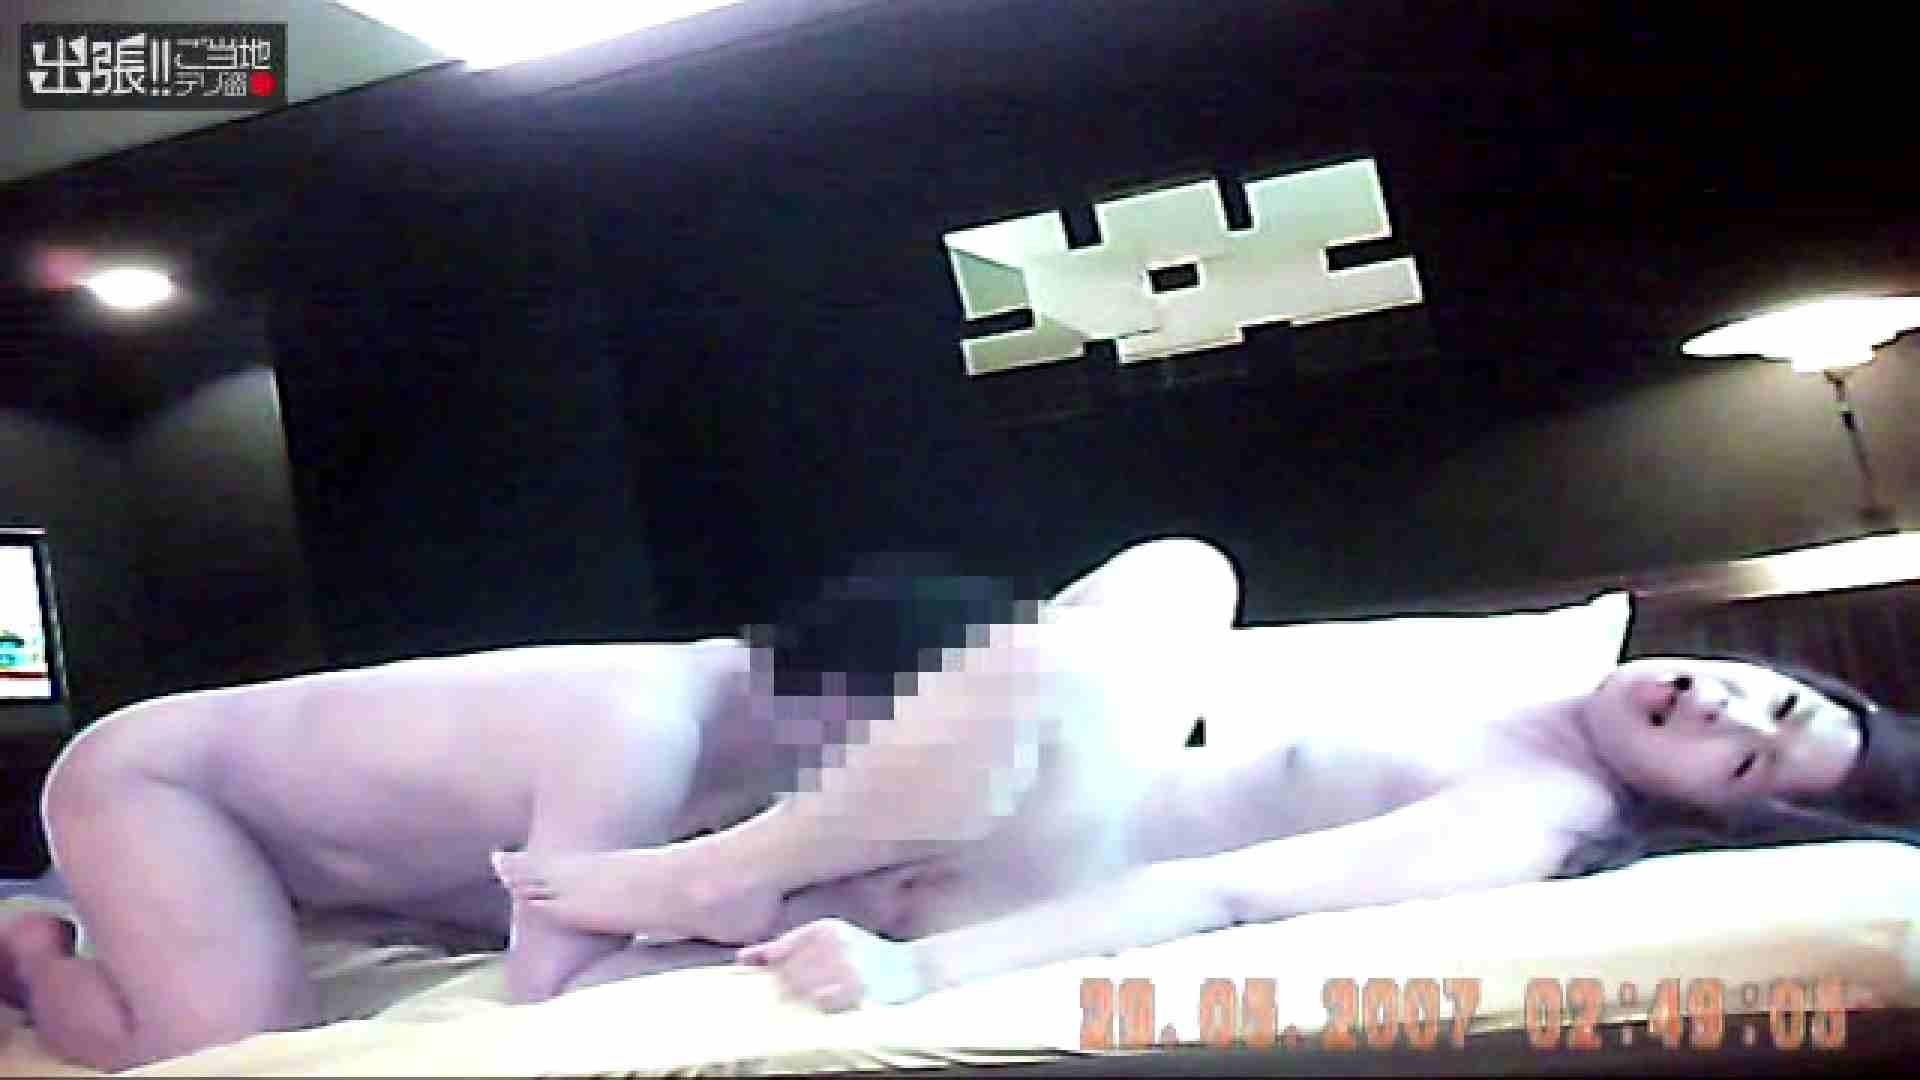 出張リーマンのデリ嬢隠し撮り第3弾vol.6 学校内で ヌード画像 86連発 54